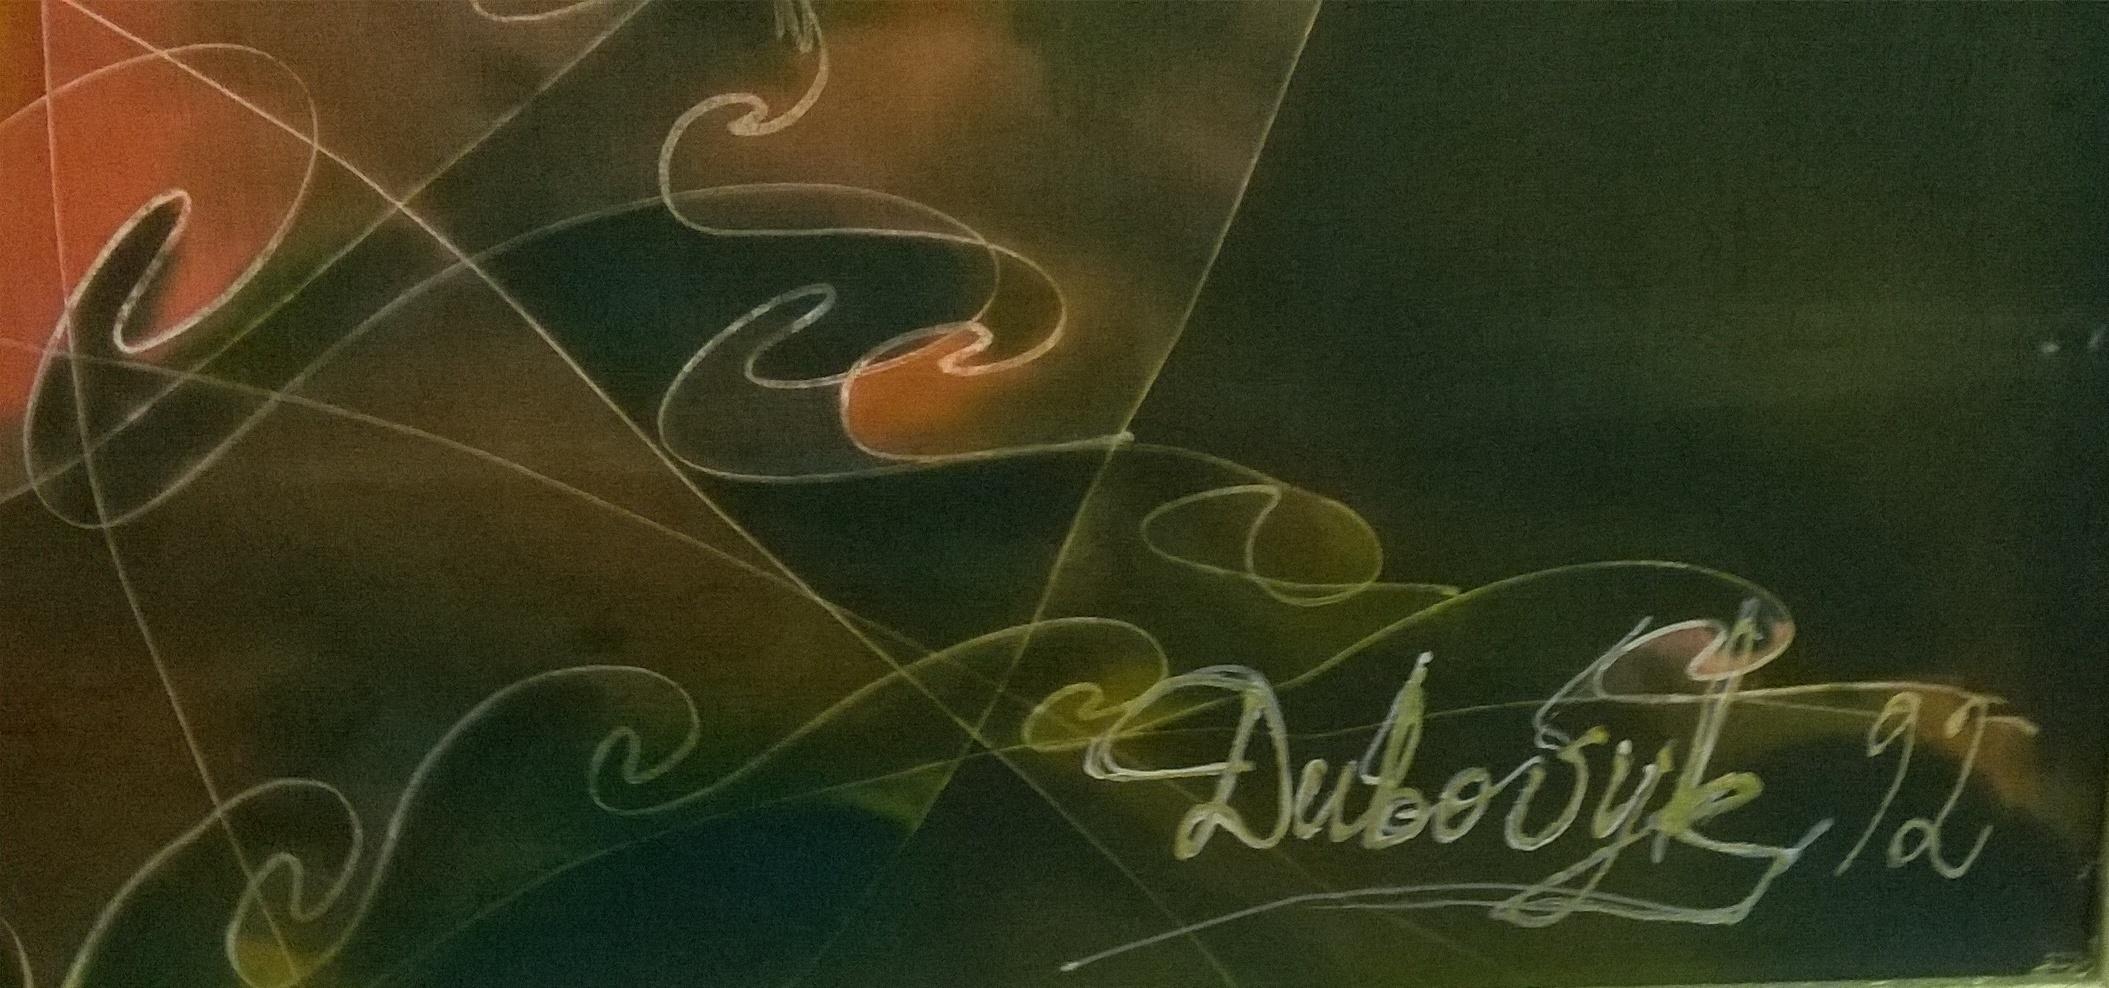 Писанка 1992, Шелк, холодный батик - 2